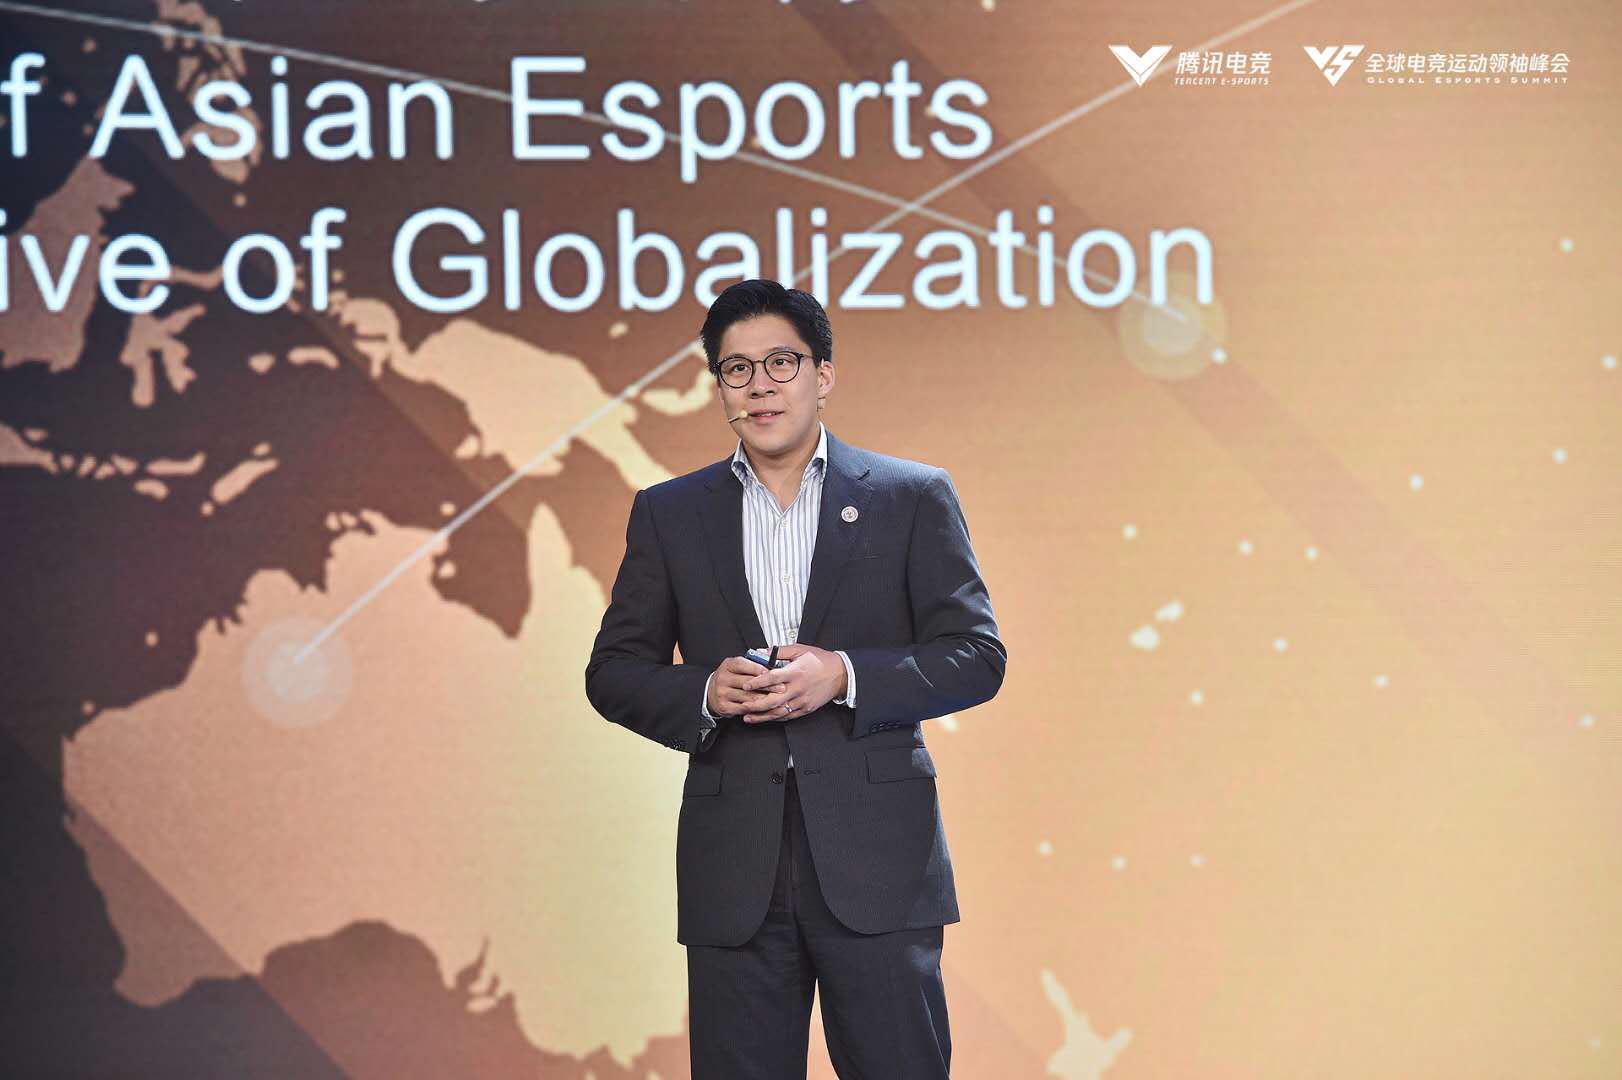 霍启刚:全球视角下的亚洲电竞发展态势和未来